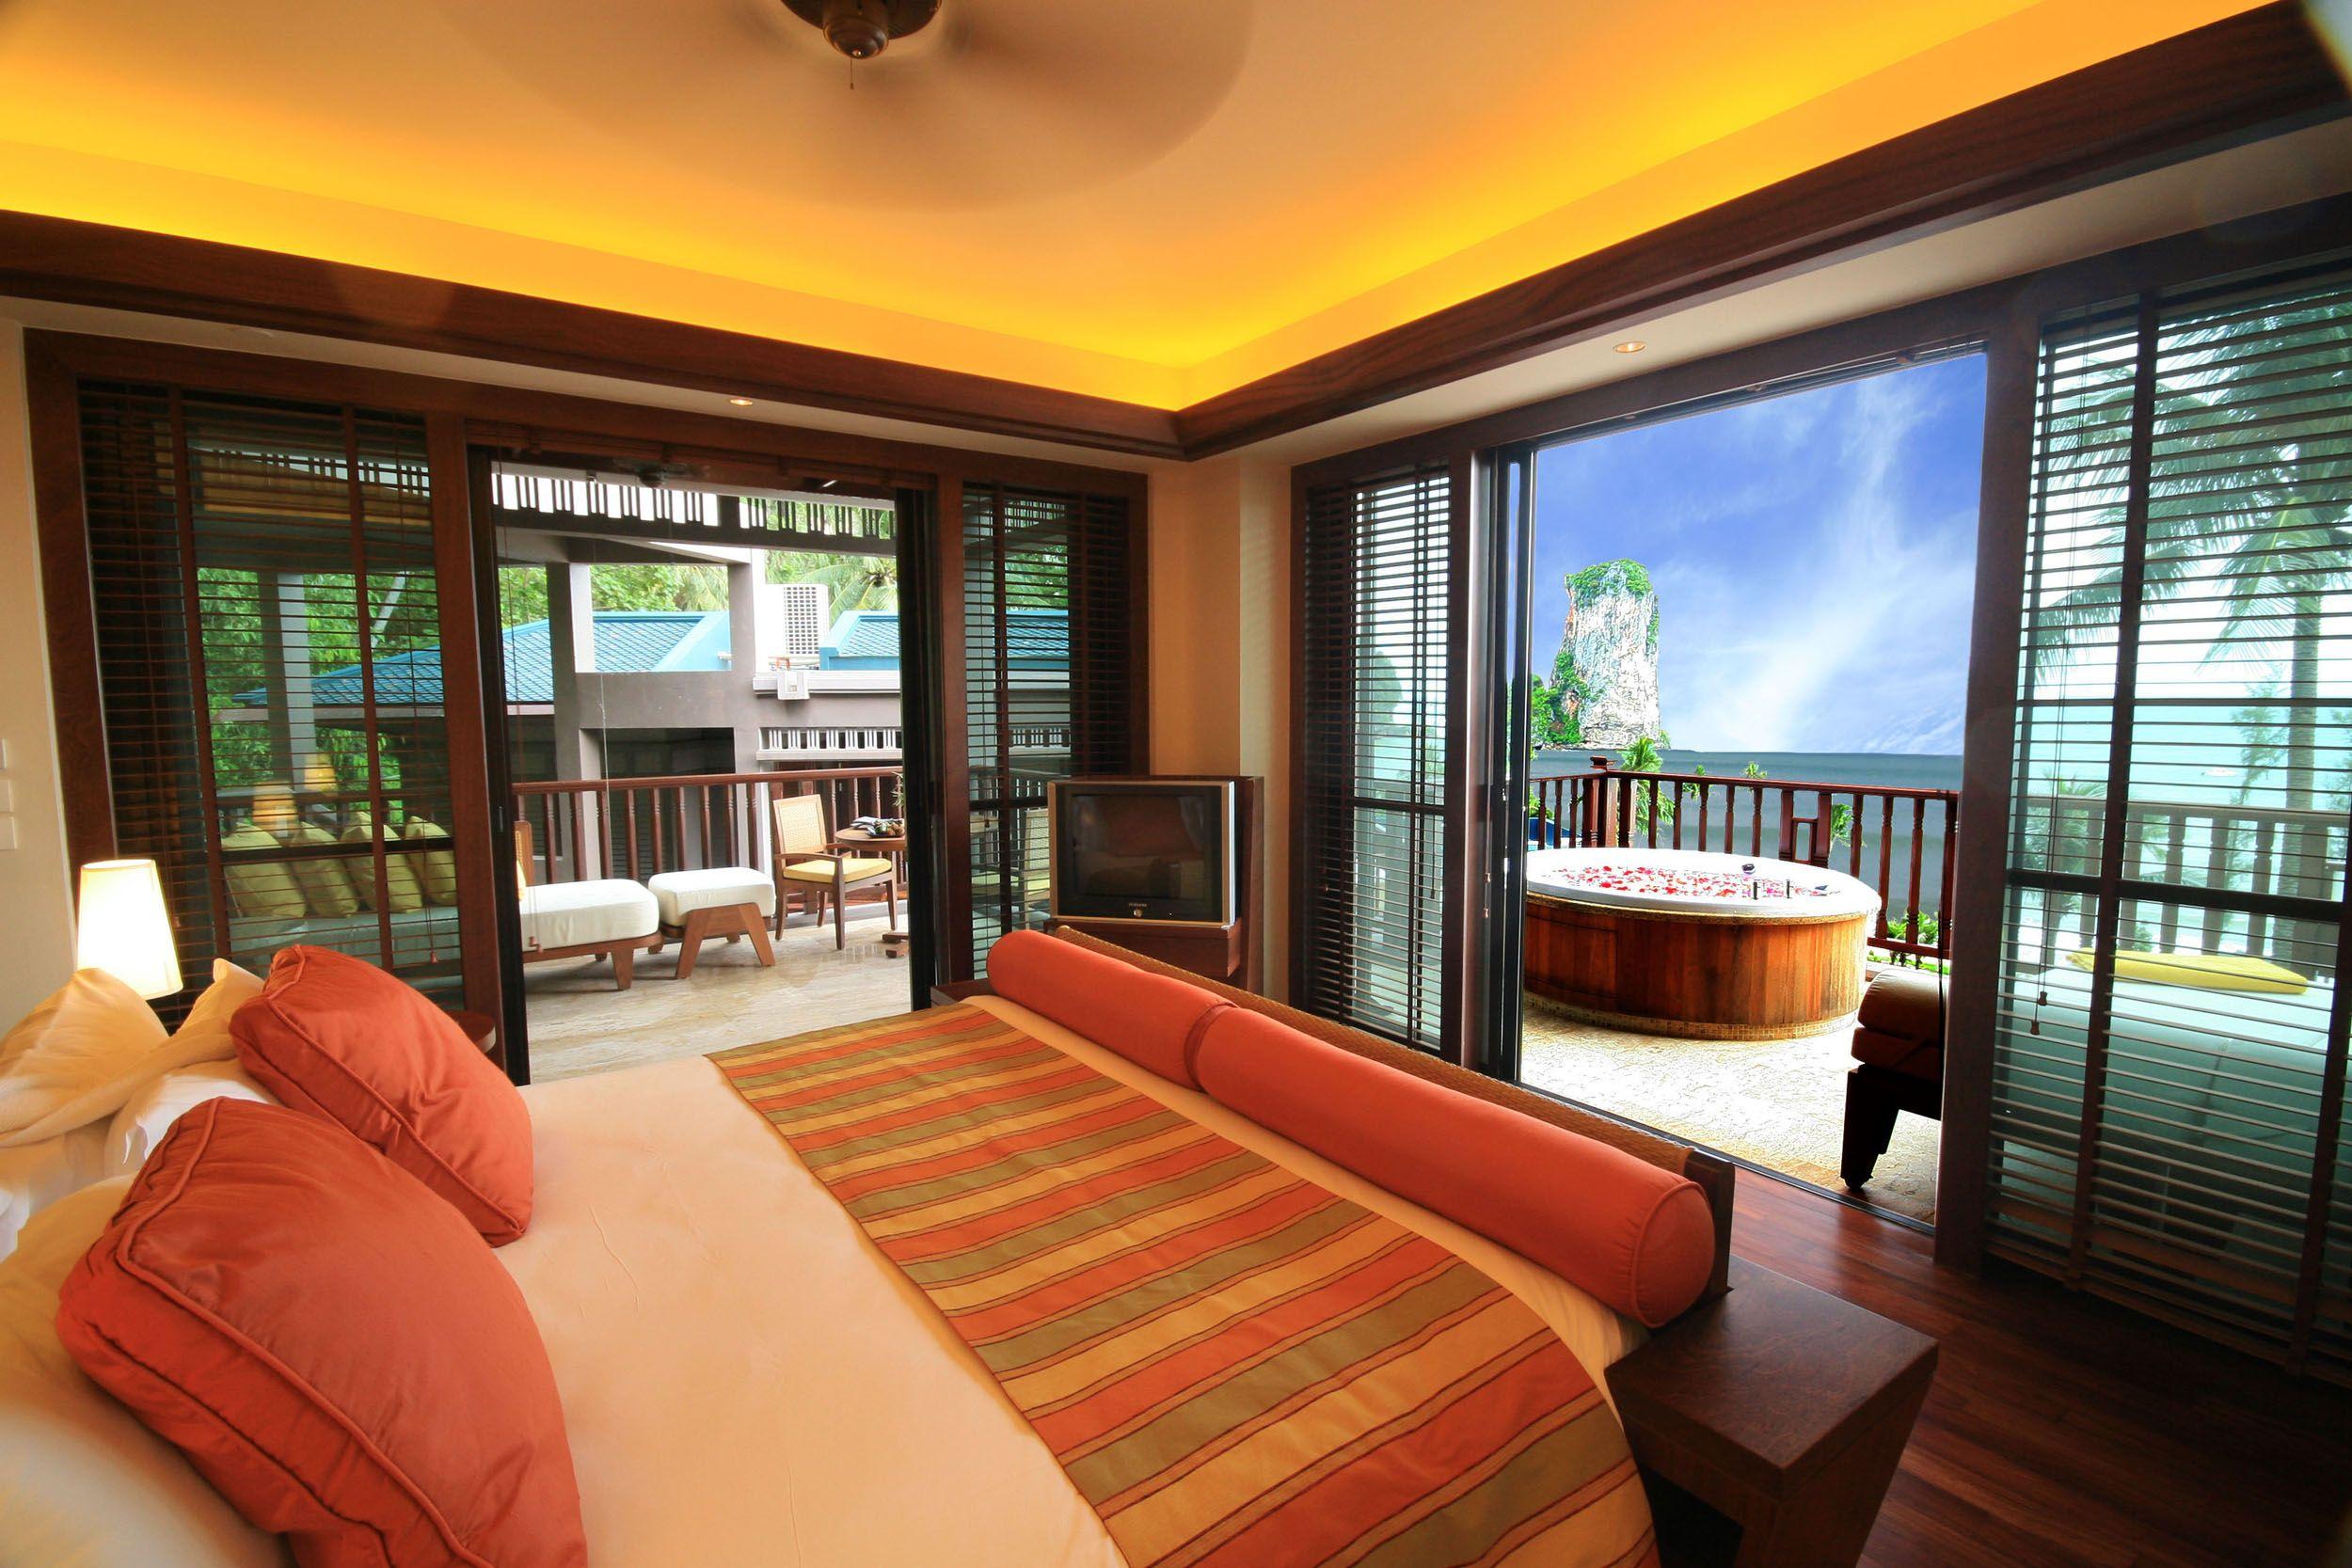 Dat is nog eens lekker wakker worden met zo'n uitzicht! Dit hotel vind je in Krabi, Thailand.